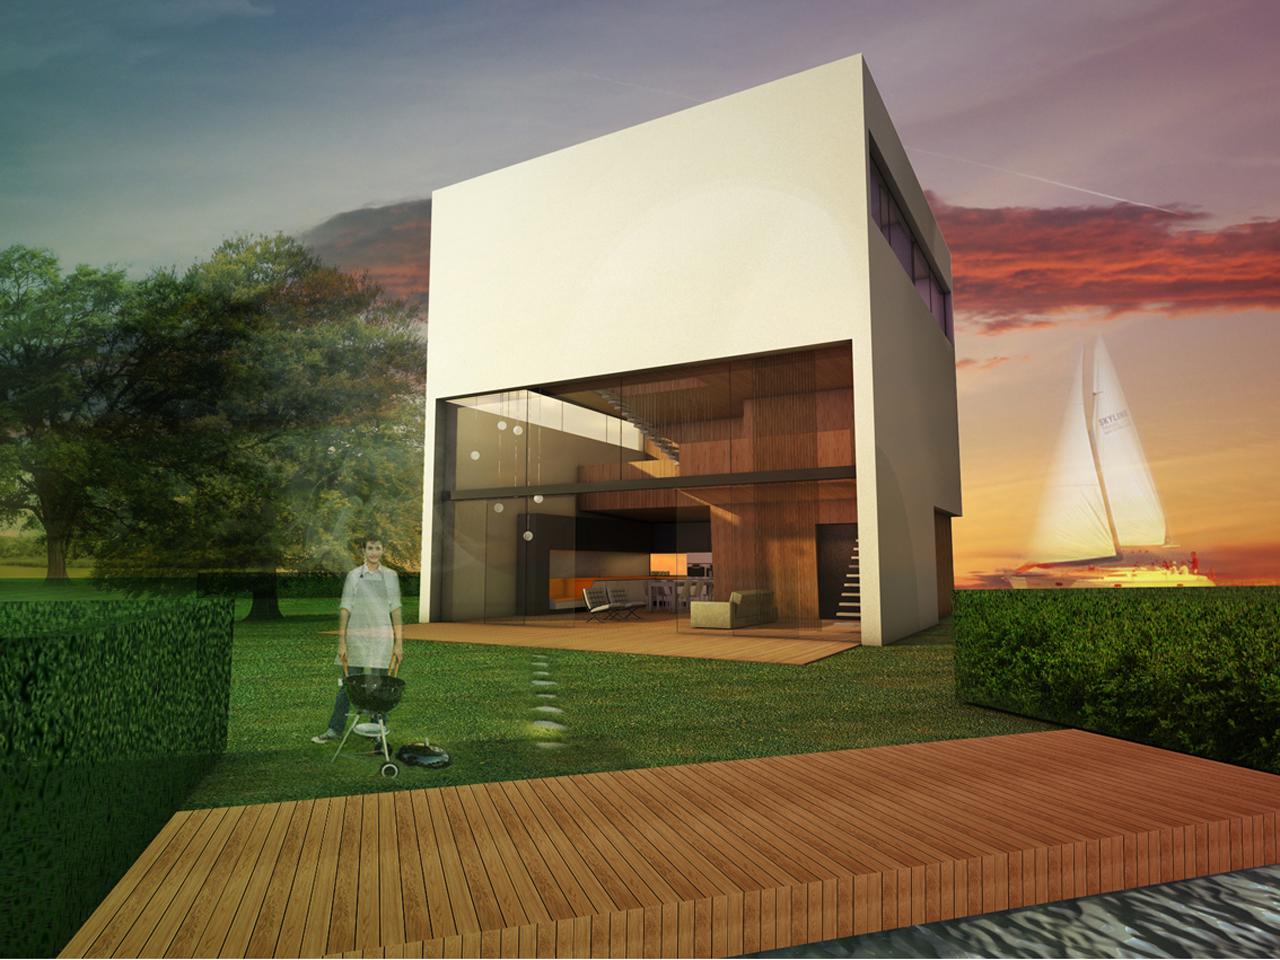 123dv cube house architecture moderne villa 39 s - Kubus interieurs ...